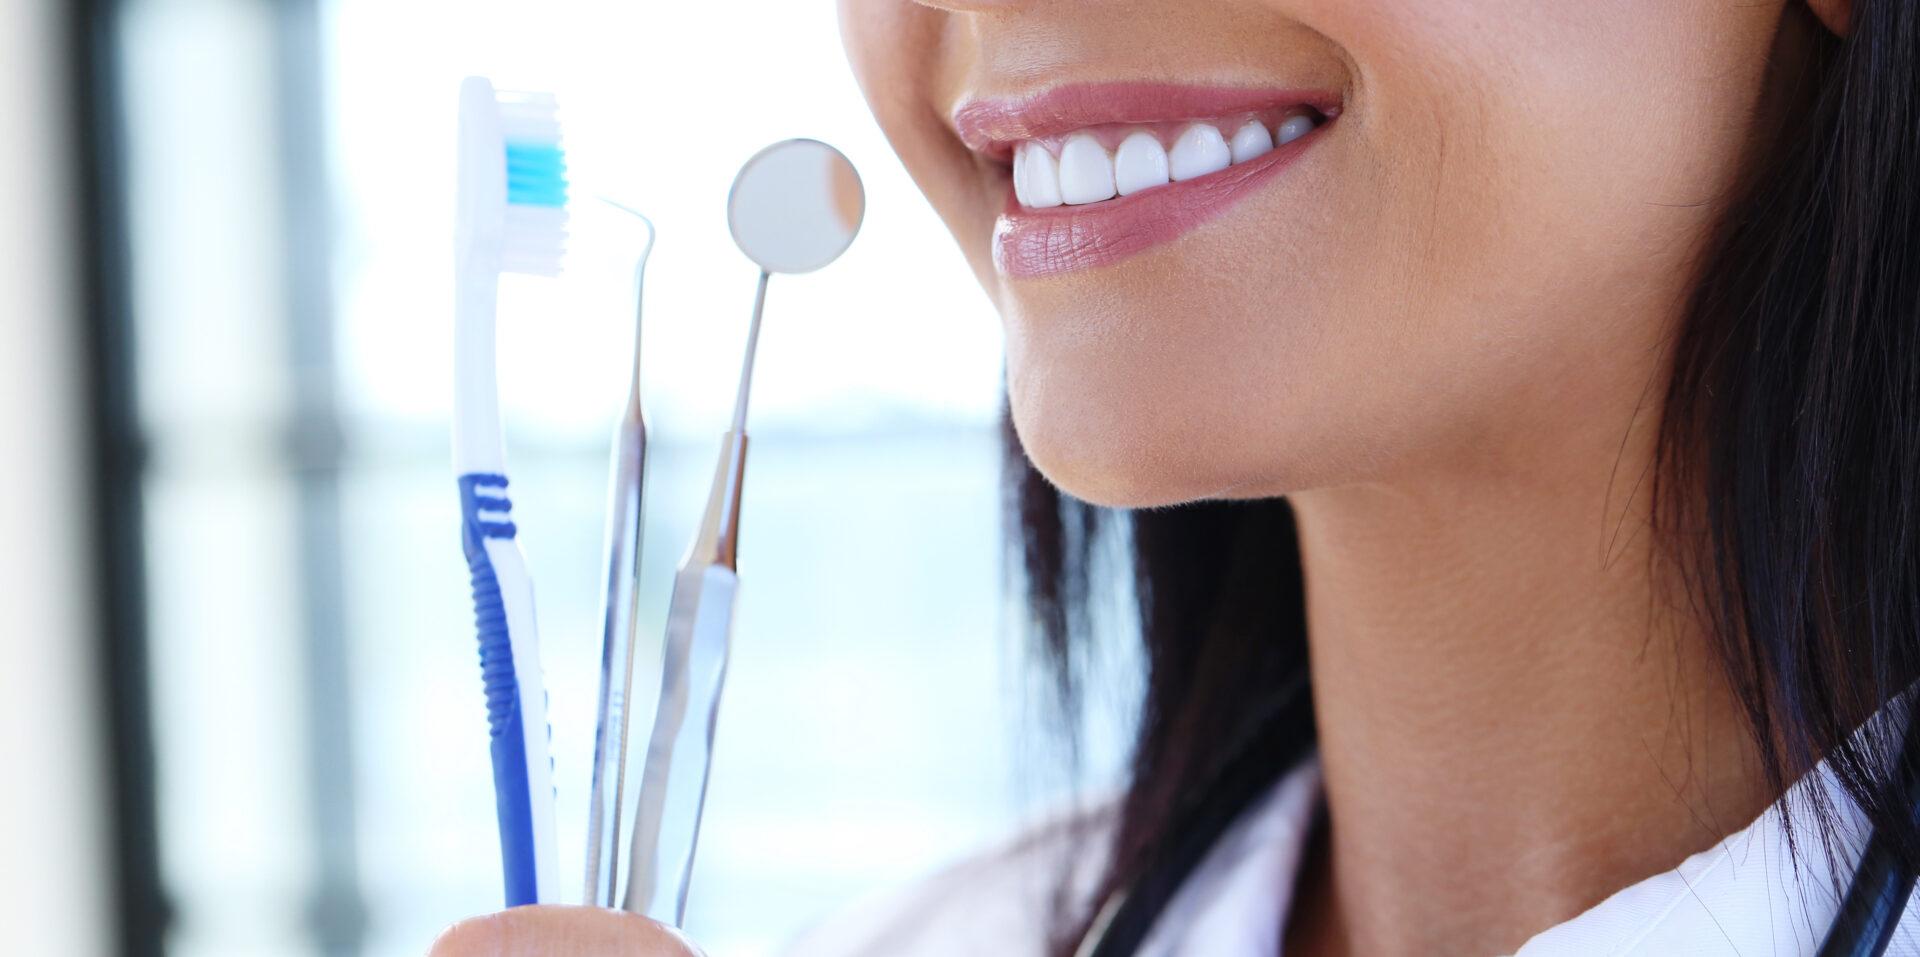 予防歯科は高齢になっても歯を残すために重要!インプラントにも